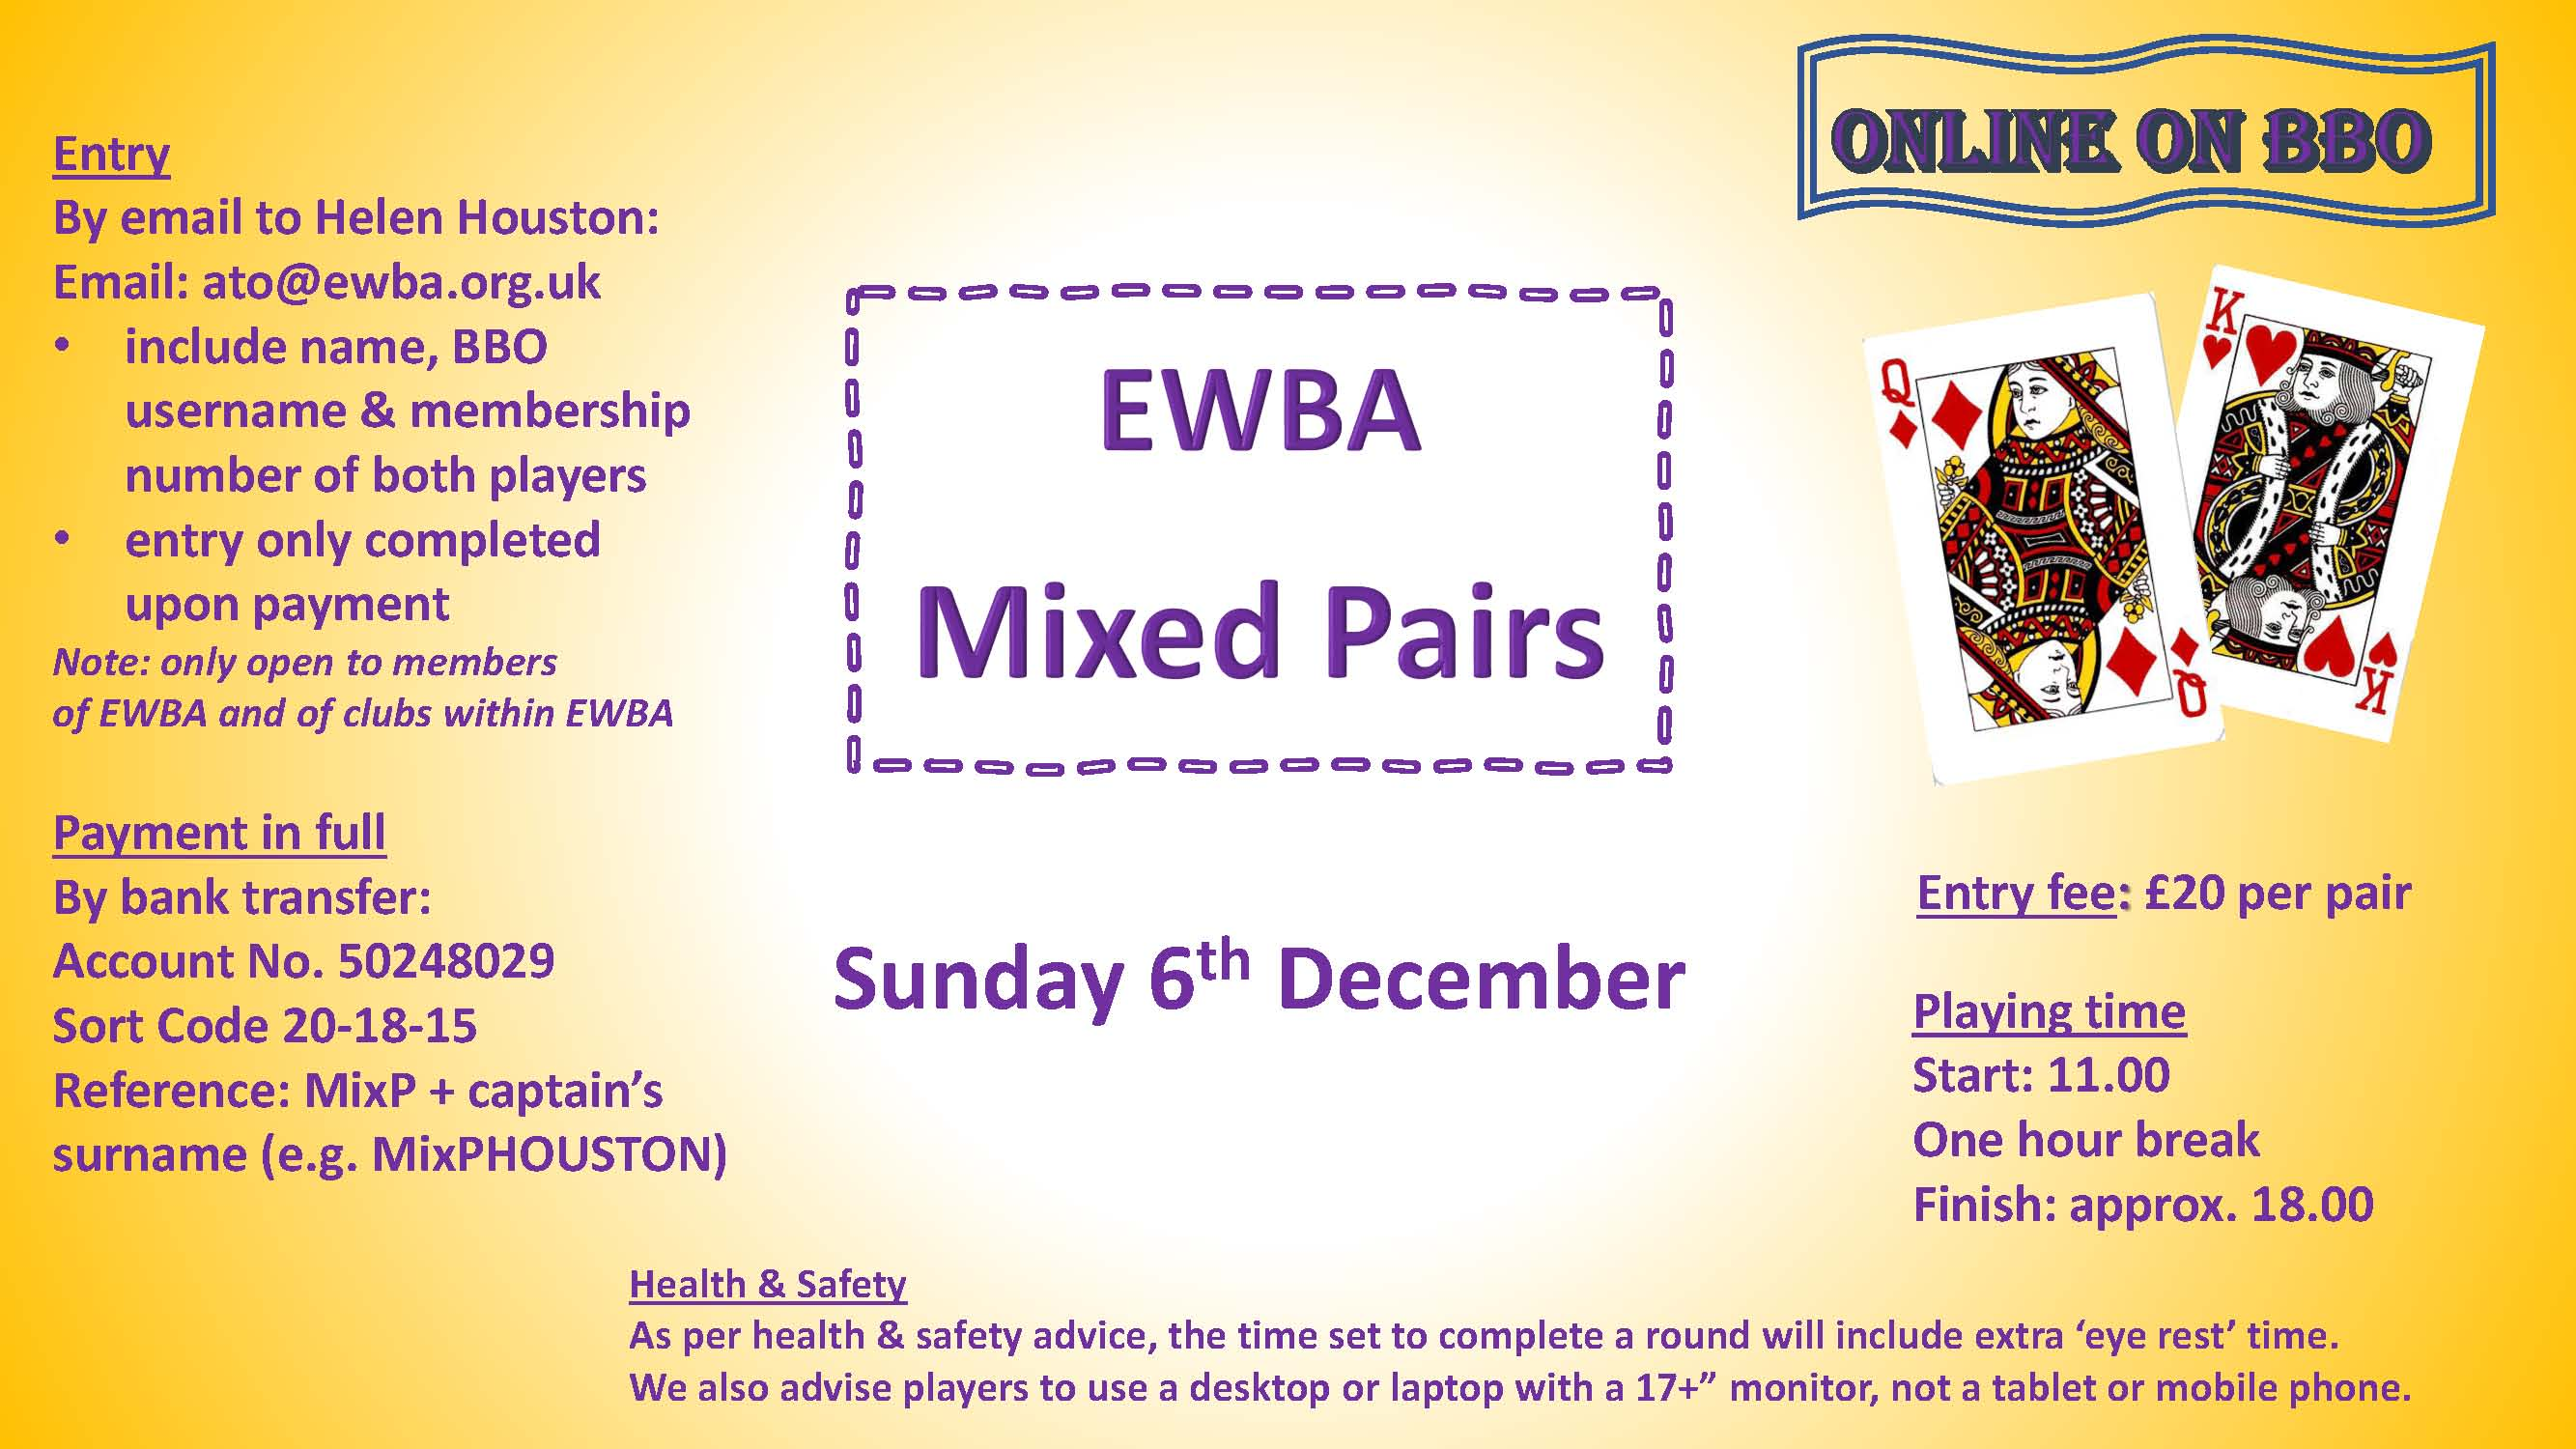 EWBA Mixed Pairs (Closed) @ BBO